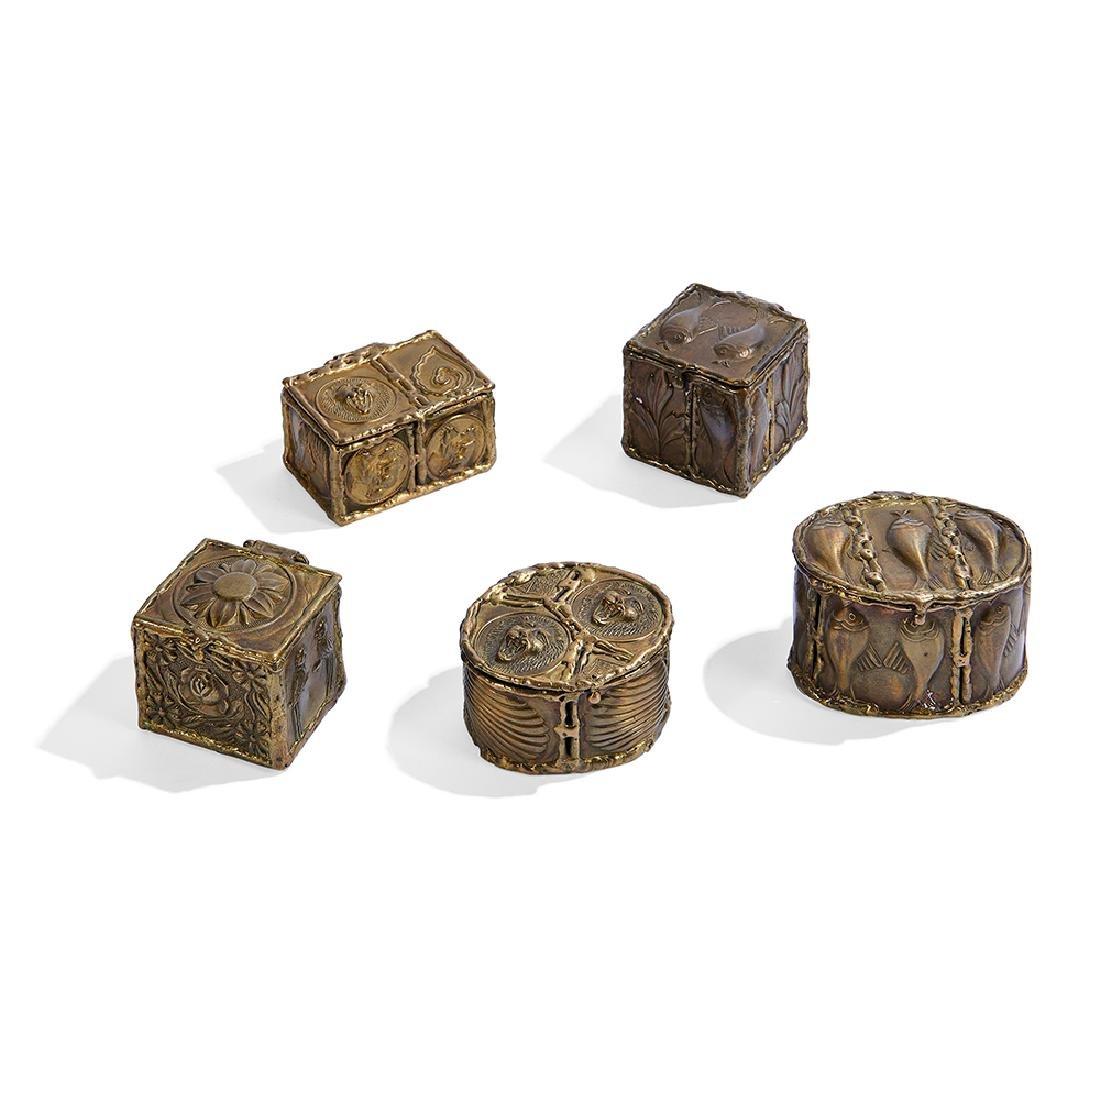 Pal Kepenyes boxes, set of five